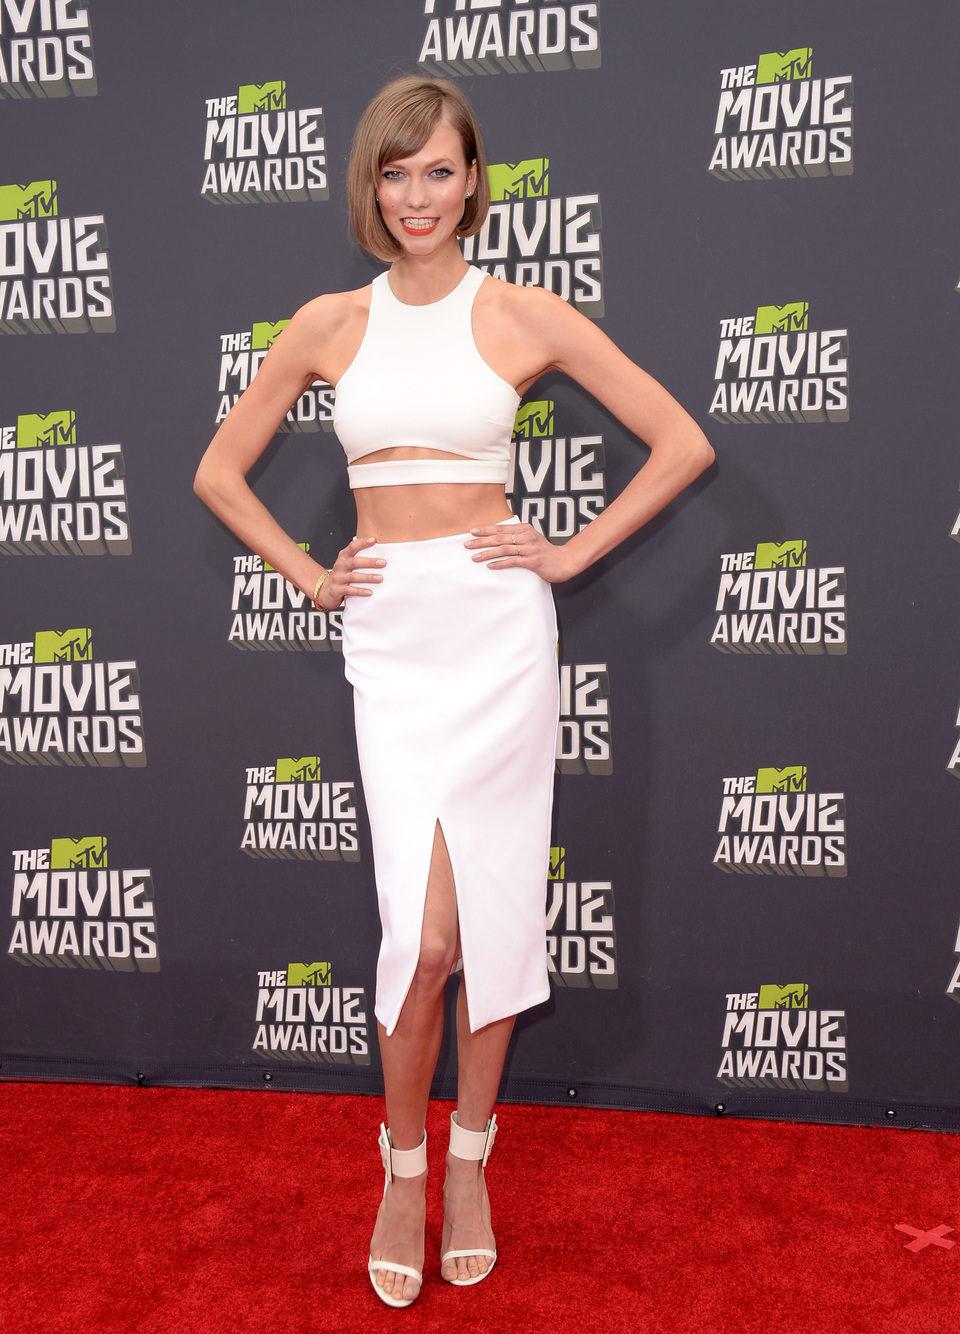 La modelo Karlie Kloss en la alfombra roja de los MTV Movie Awards 2013